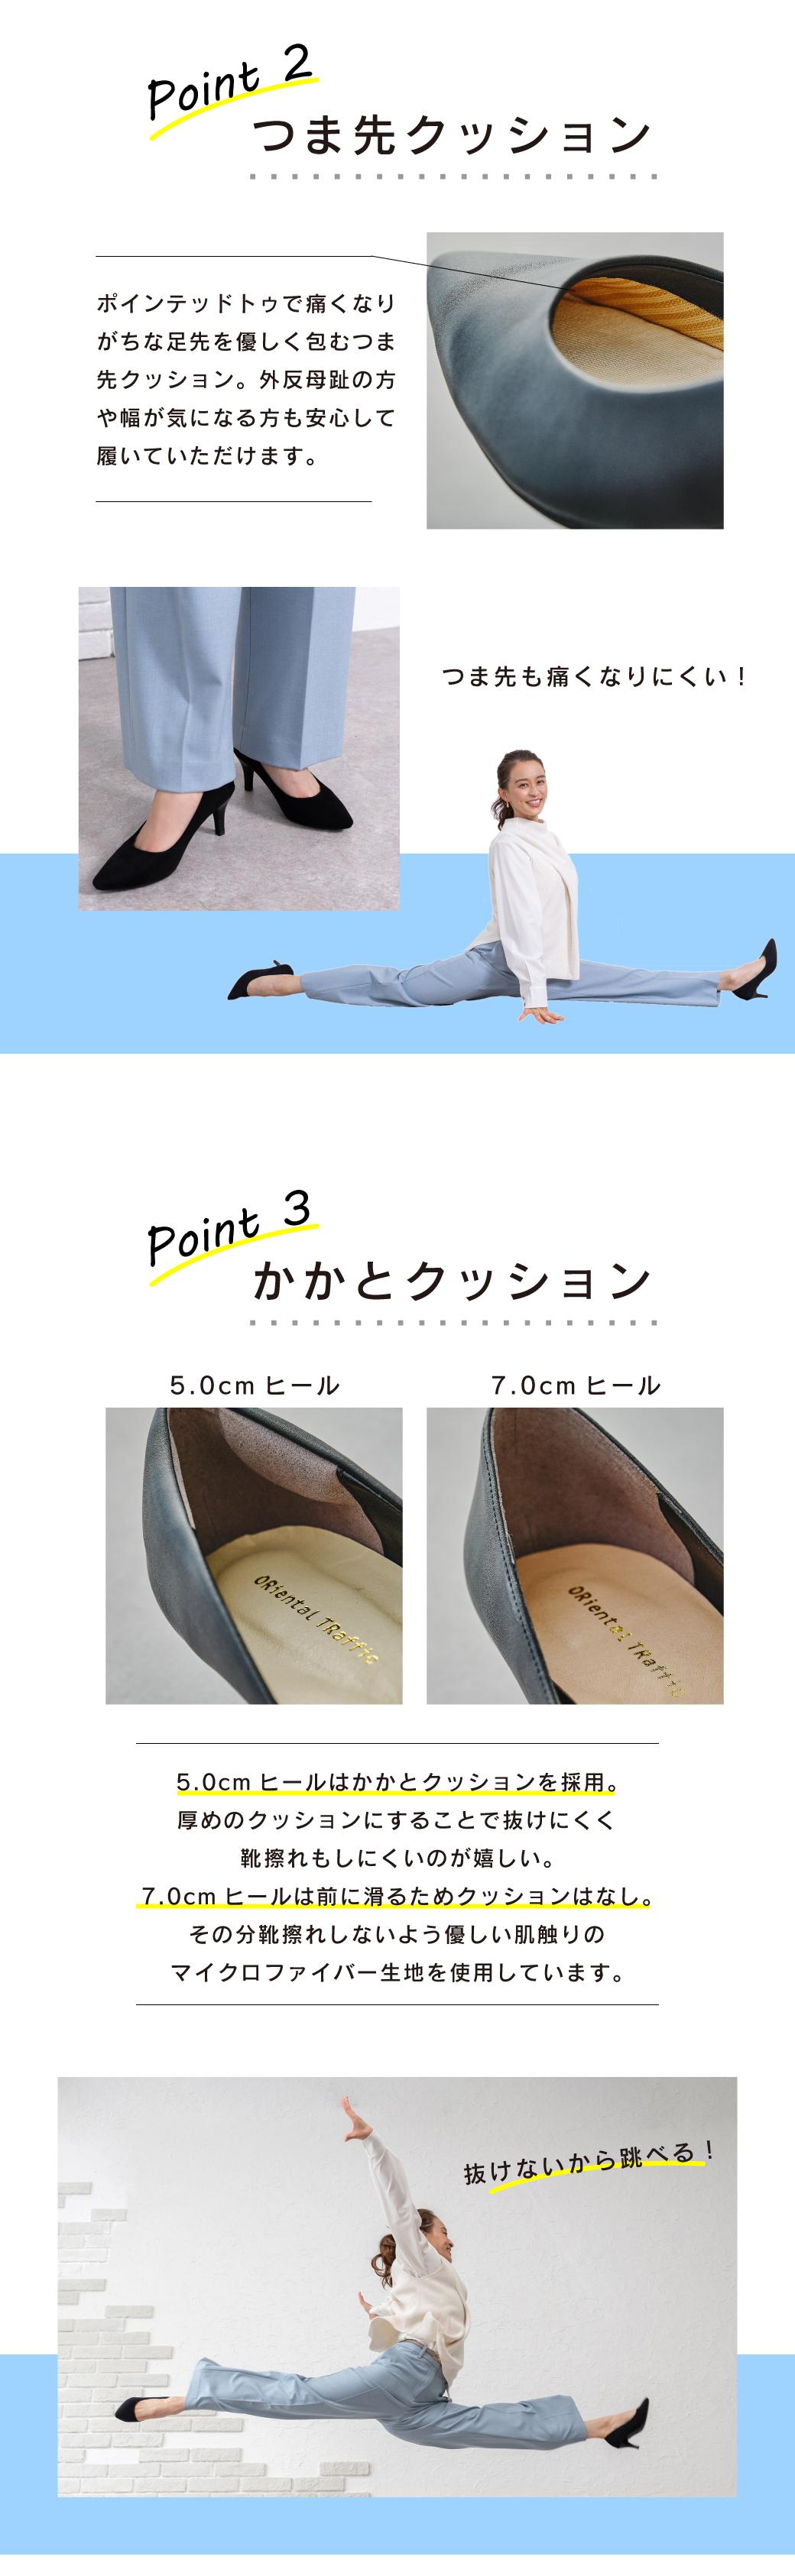 跳べるパンプスポイント2_3 つま先クッションかかとクッション